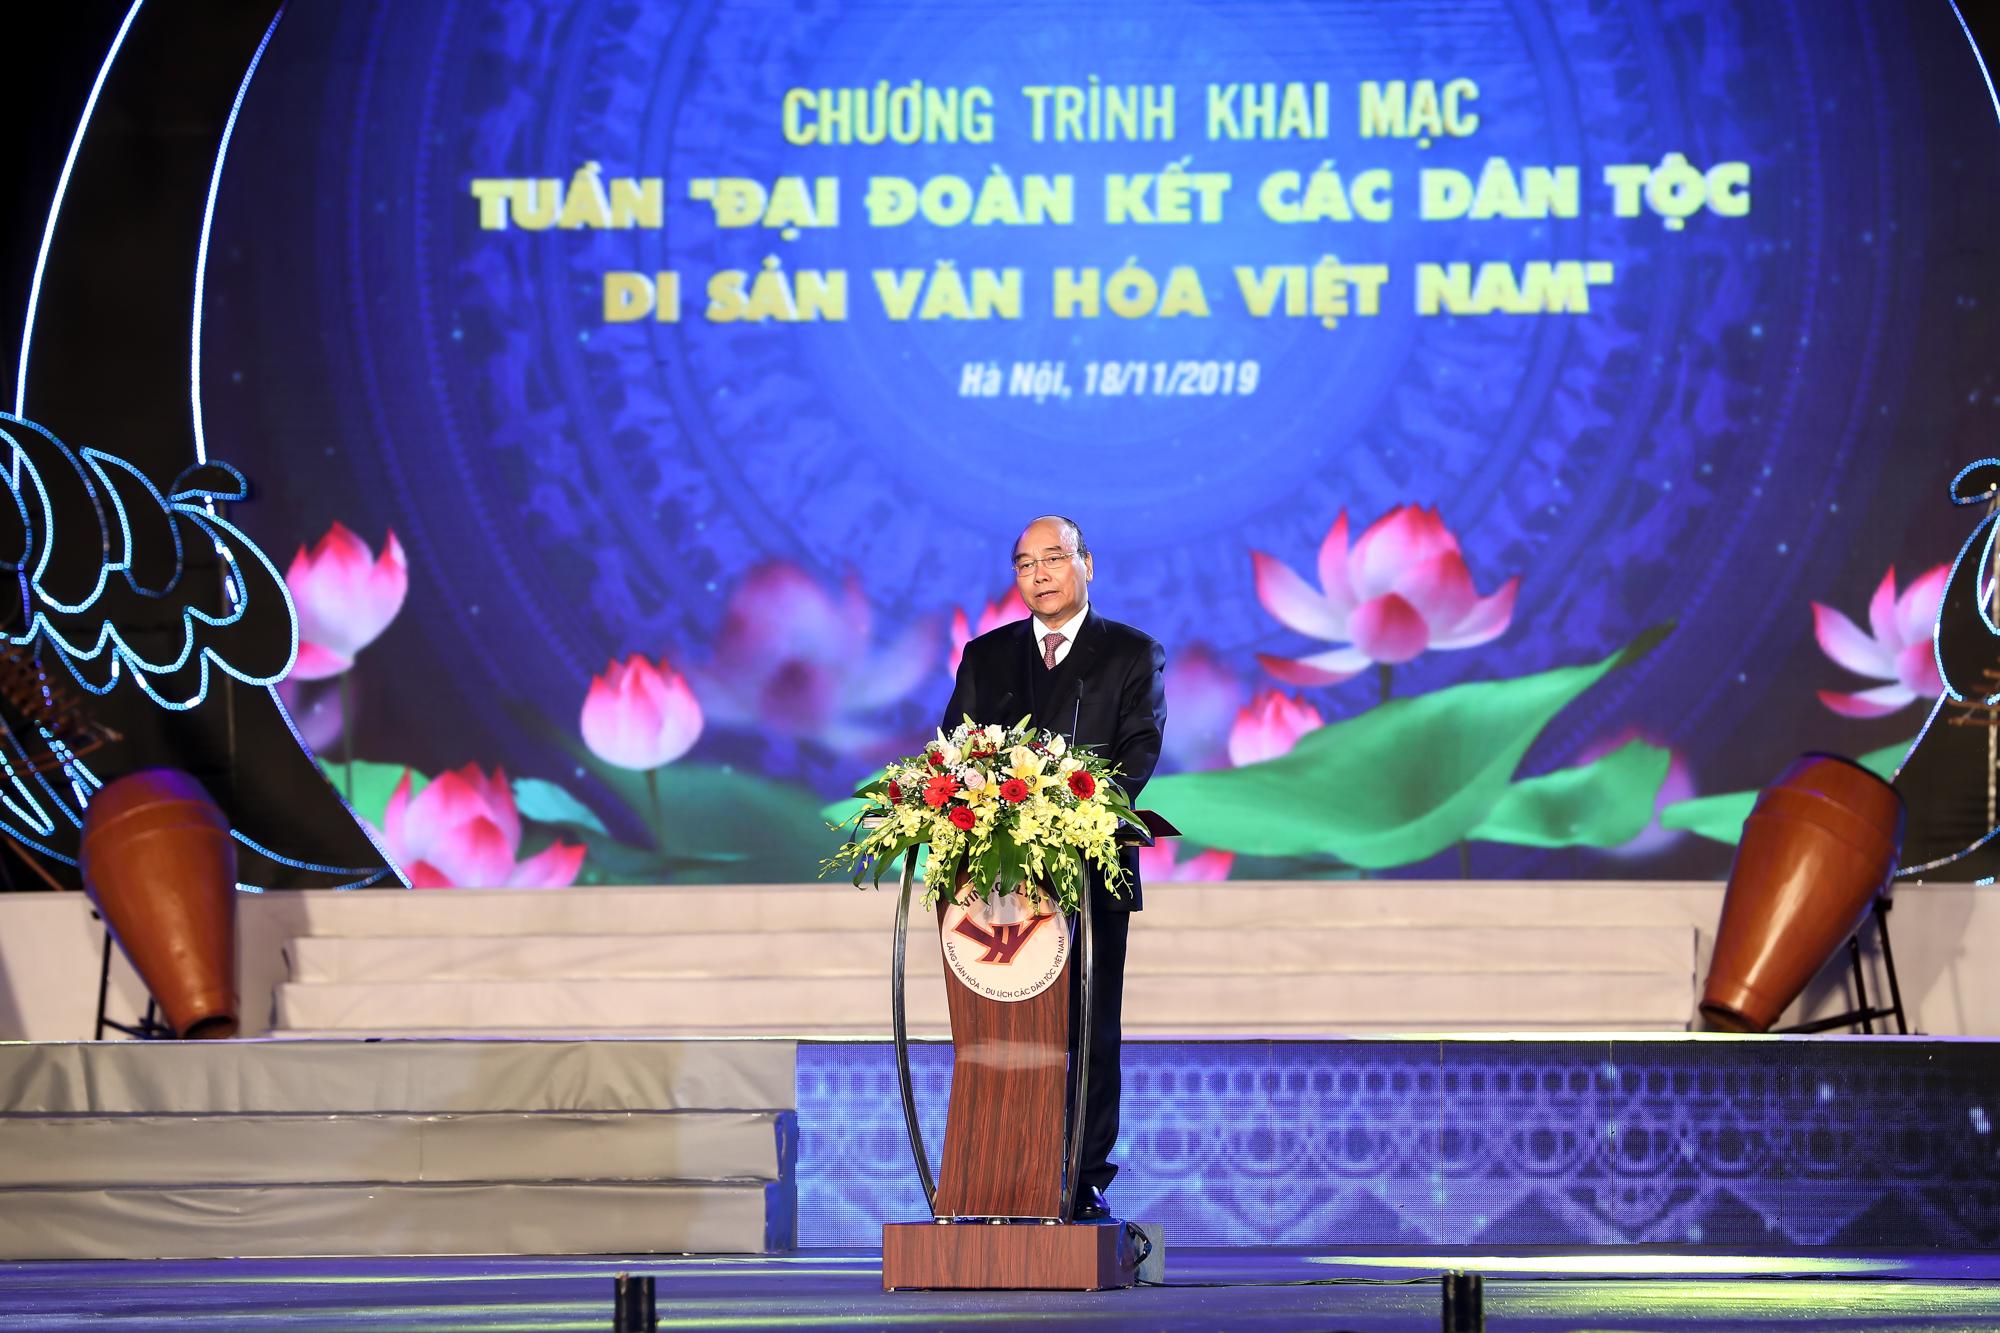 Thủ tướng Chính phủ Nguyễn Xuân Phúc phát biểu tại Lễ khai mạc